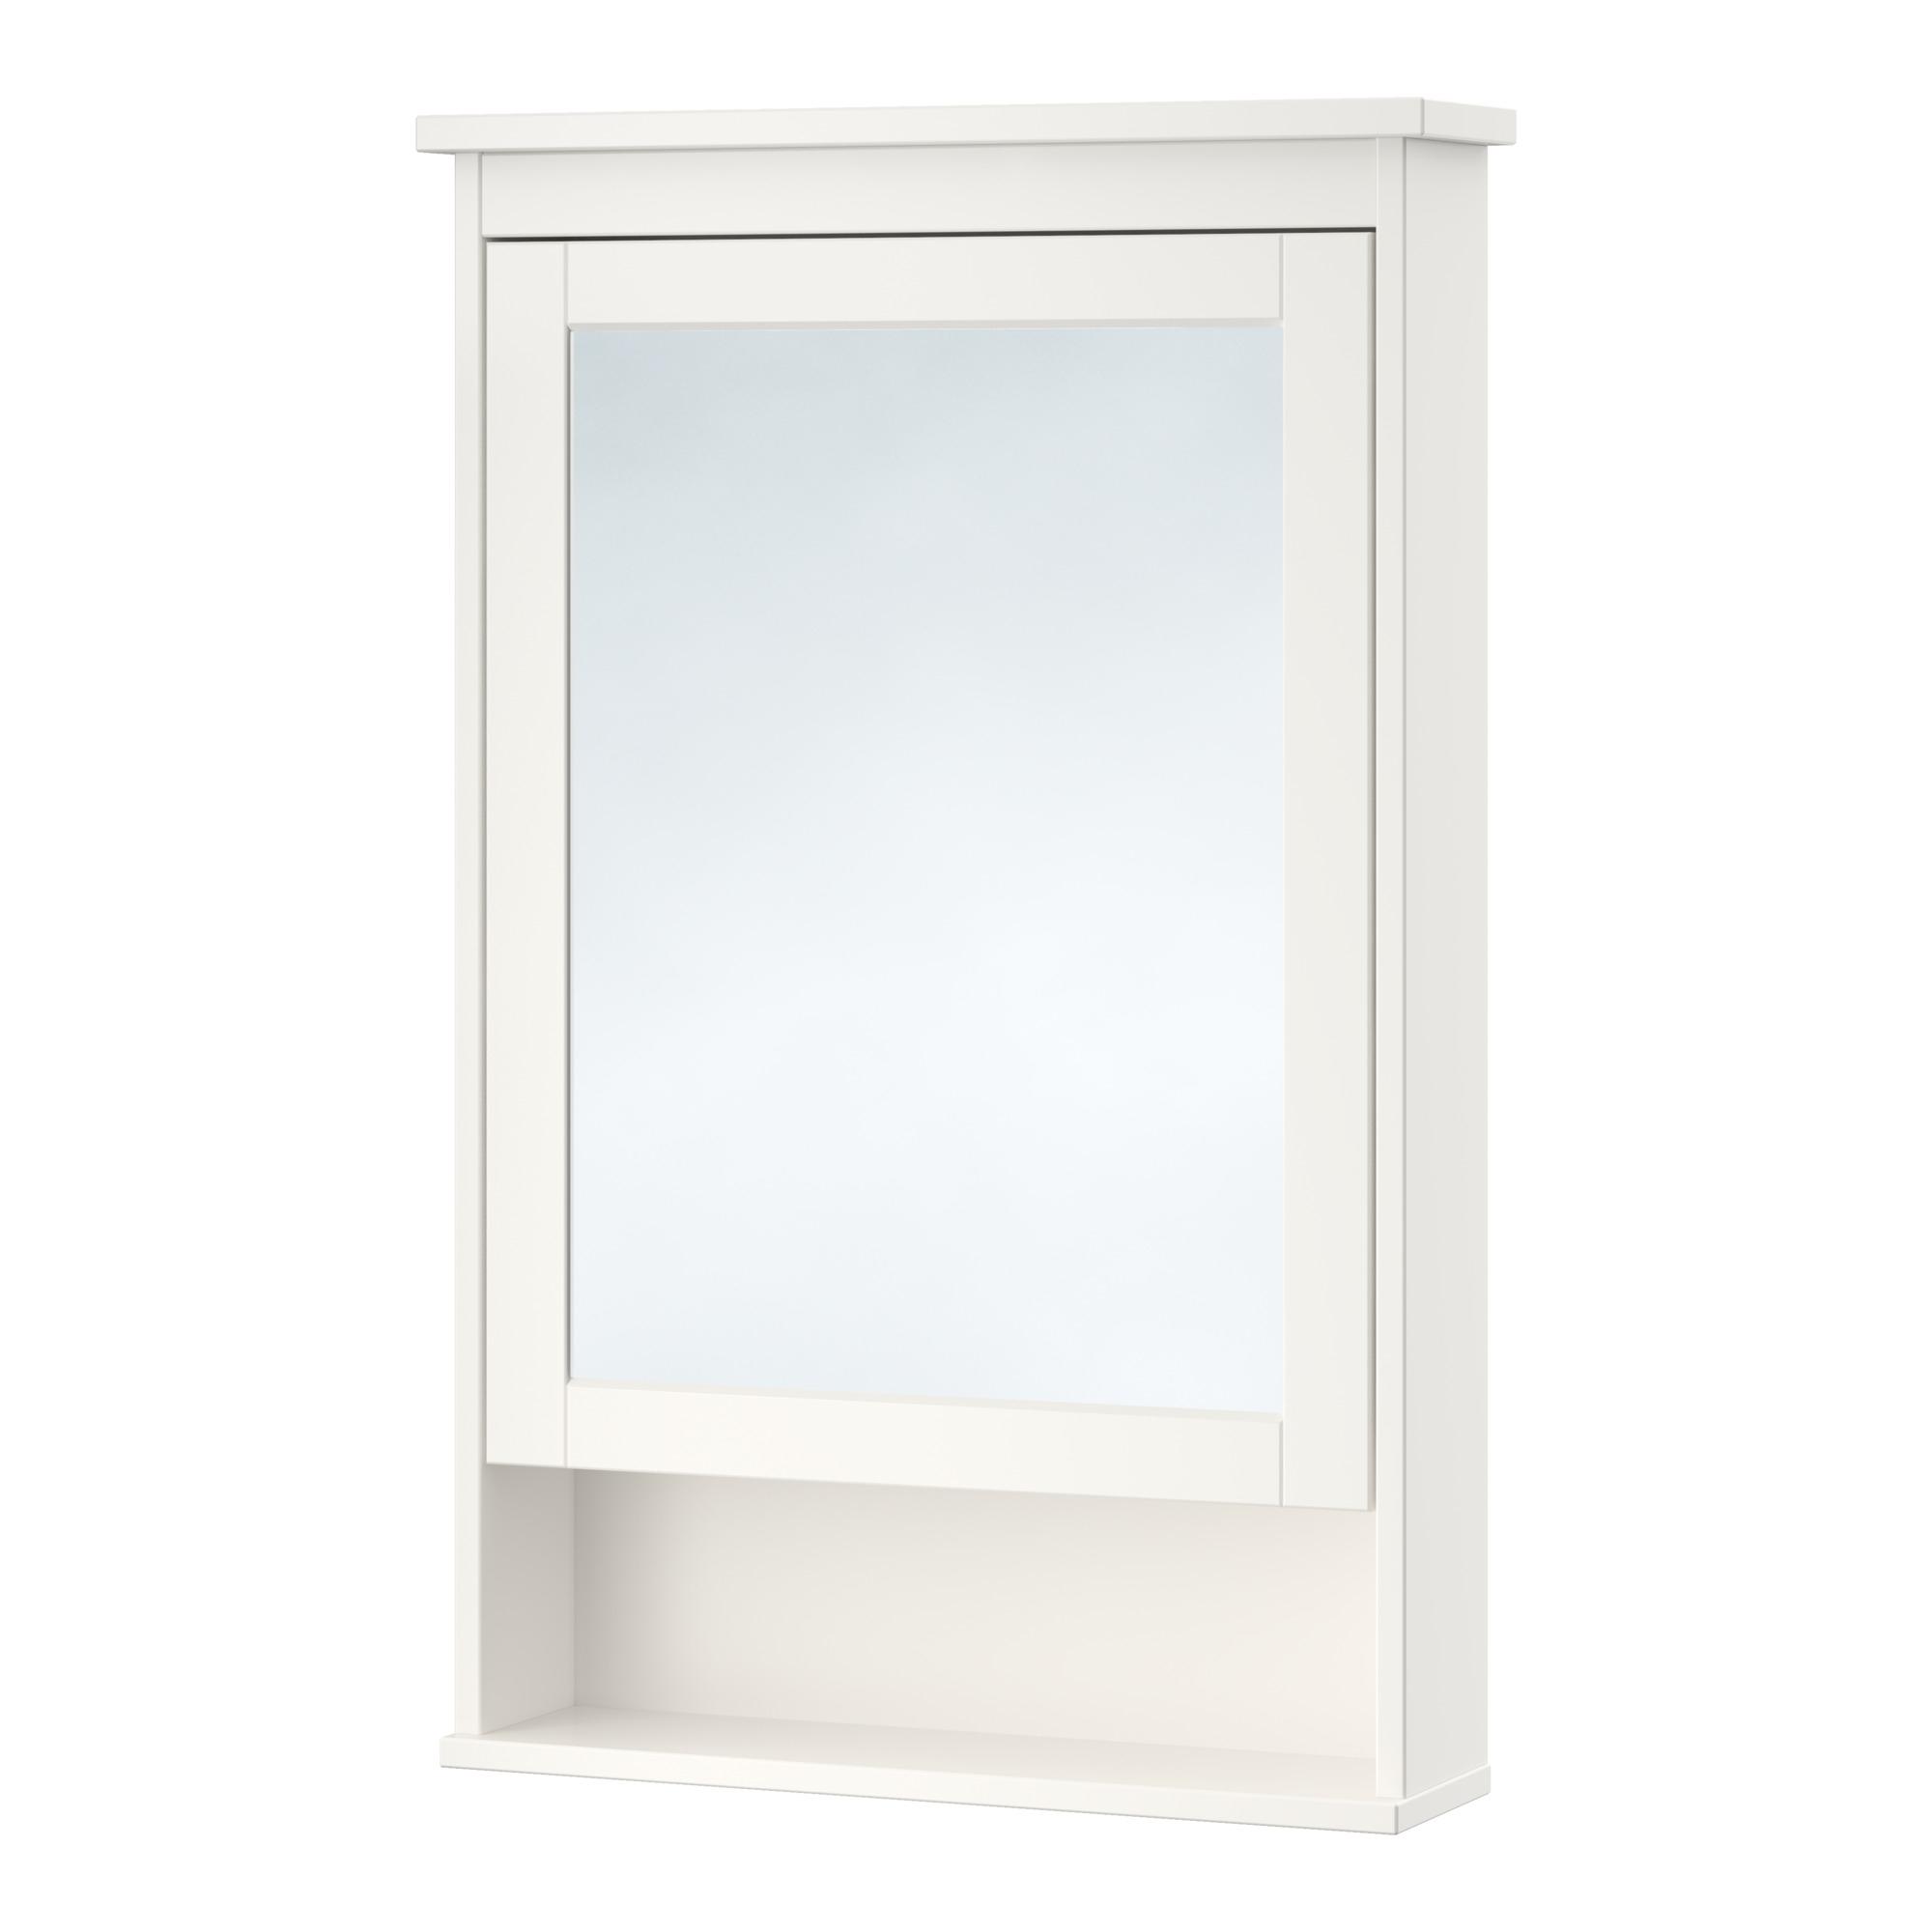 HEMNES Armario con espejo 1 puerta